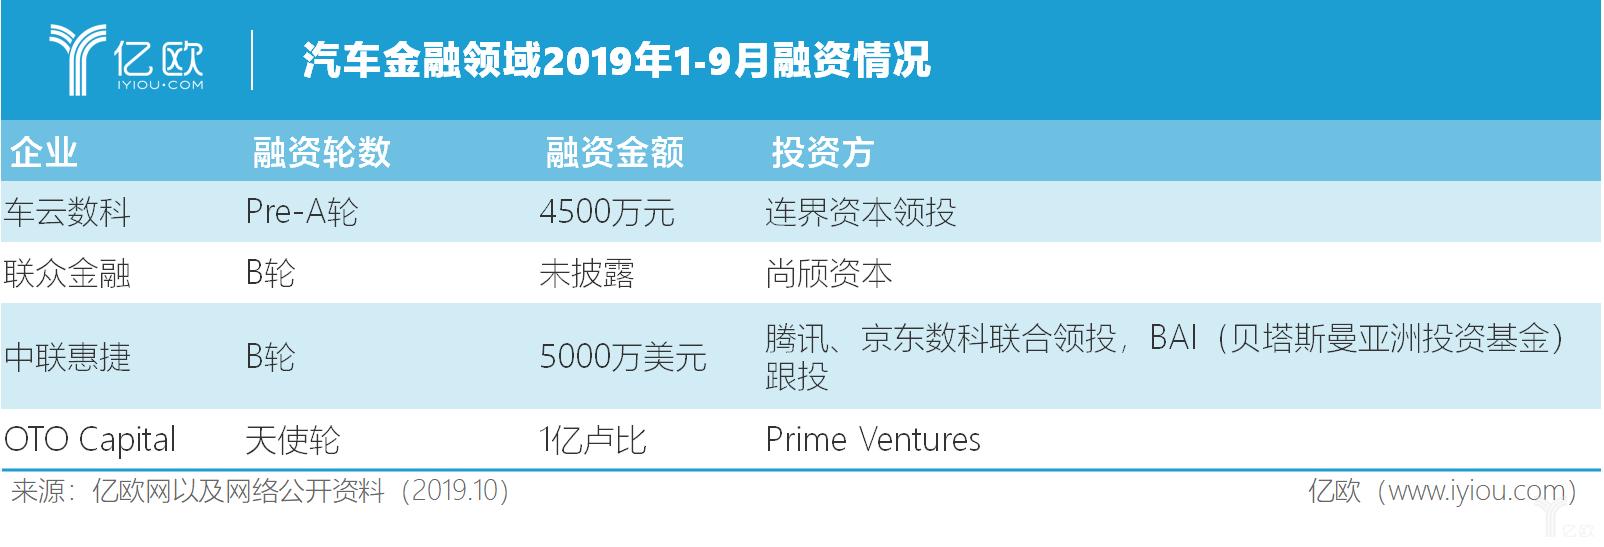 汽车金融领域2019年1-9月融资情况